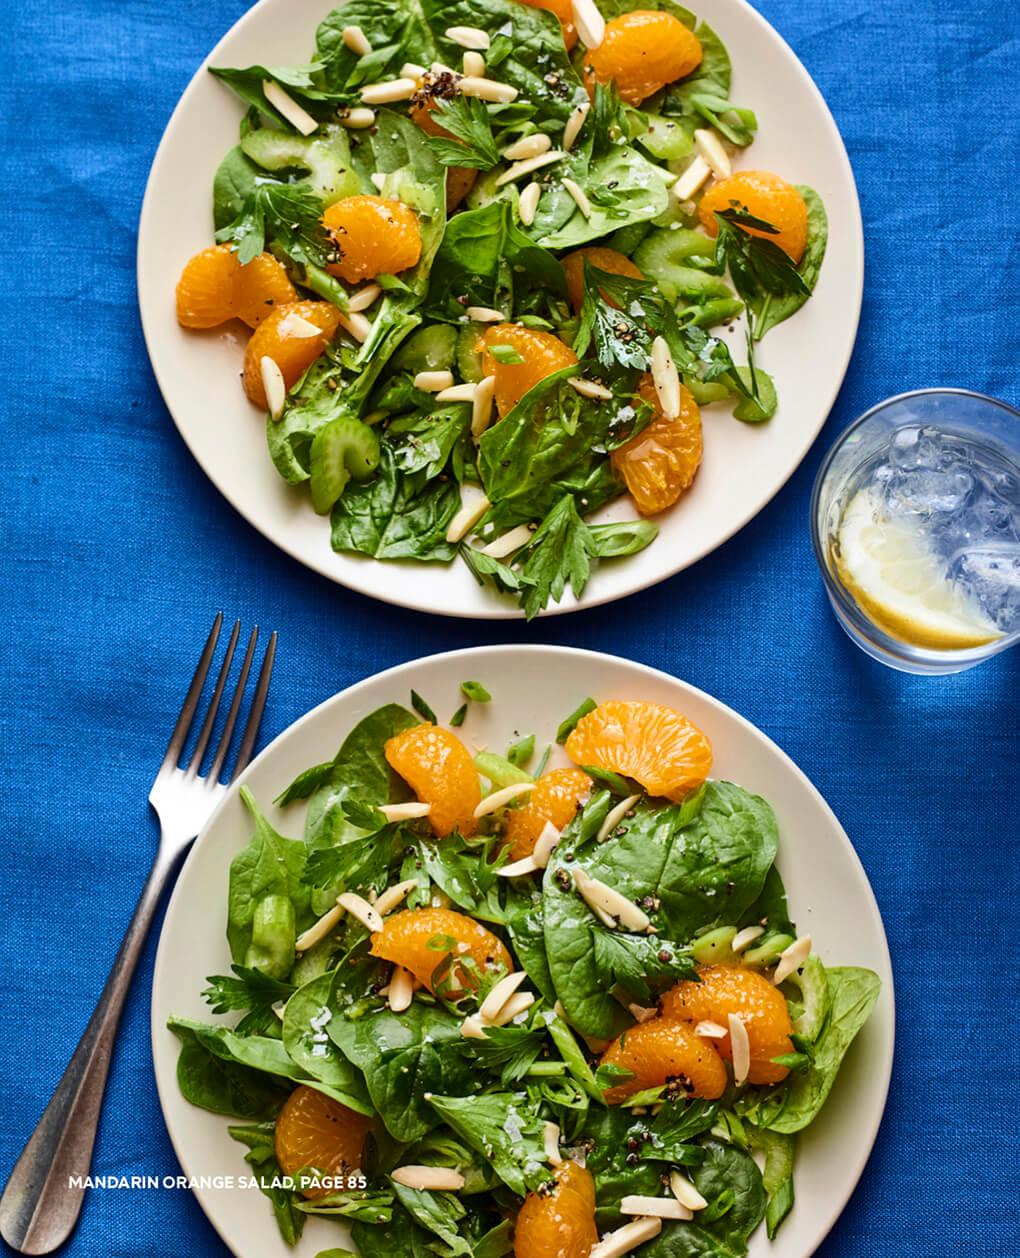 Mandarin Orange Salad agutsygirl.com #glutenfree #dairyfree #leakygutdiet #guthealth